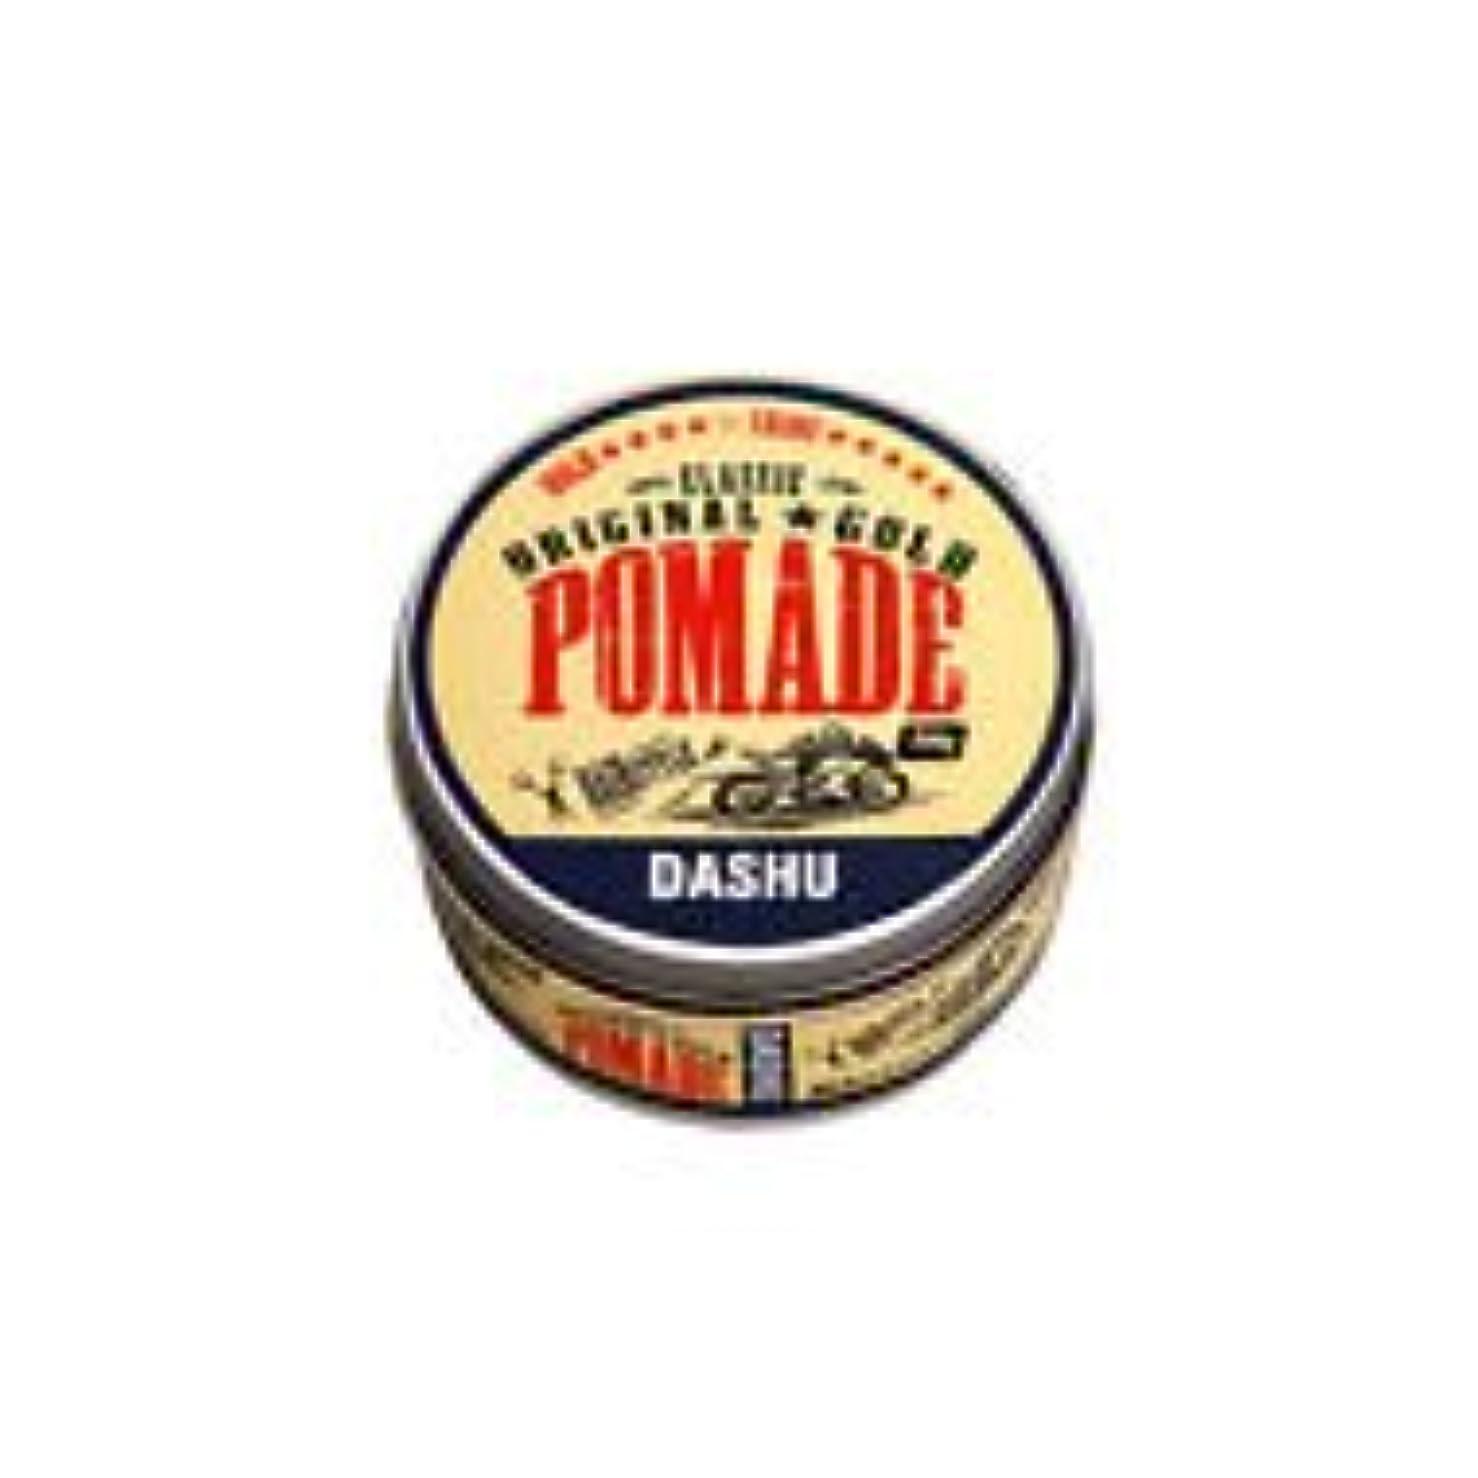 障害経済とは異なり[DASHU] ダシュ クラシックオリジナルゴールドポマードヘアワックス Classic Original Gold Pomade Hair Wax 100ml / 韓国製 . 韓国直送品